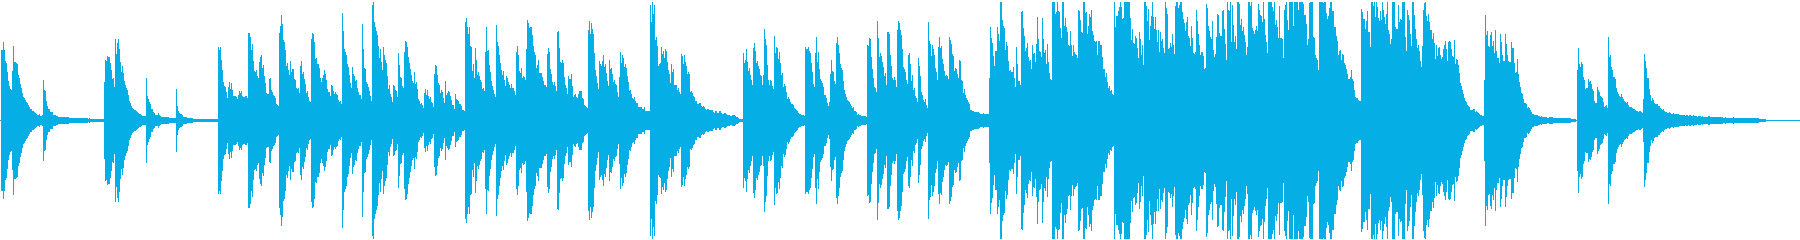 企業VP18 24bit44kHzVerの再生済みの波形